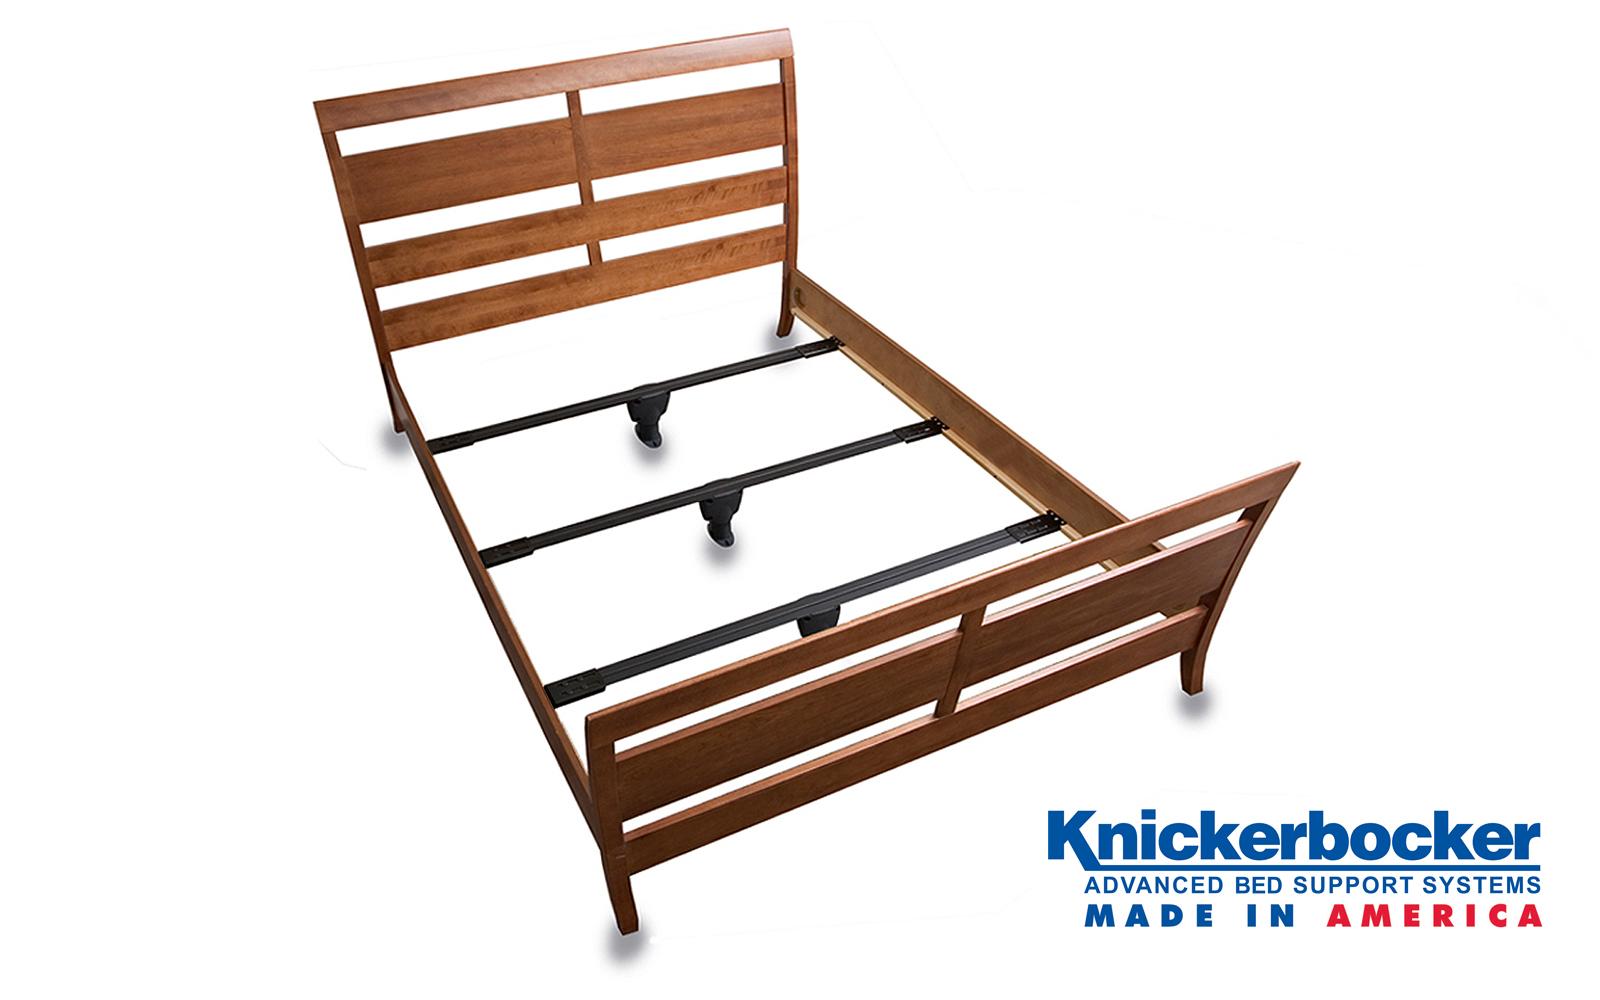 Bedbeam Steel Slat System Knickerbocker Bed Frame